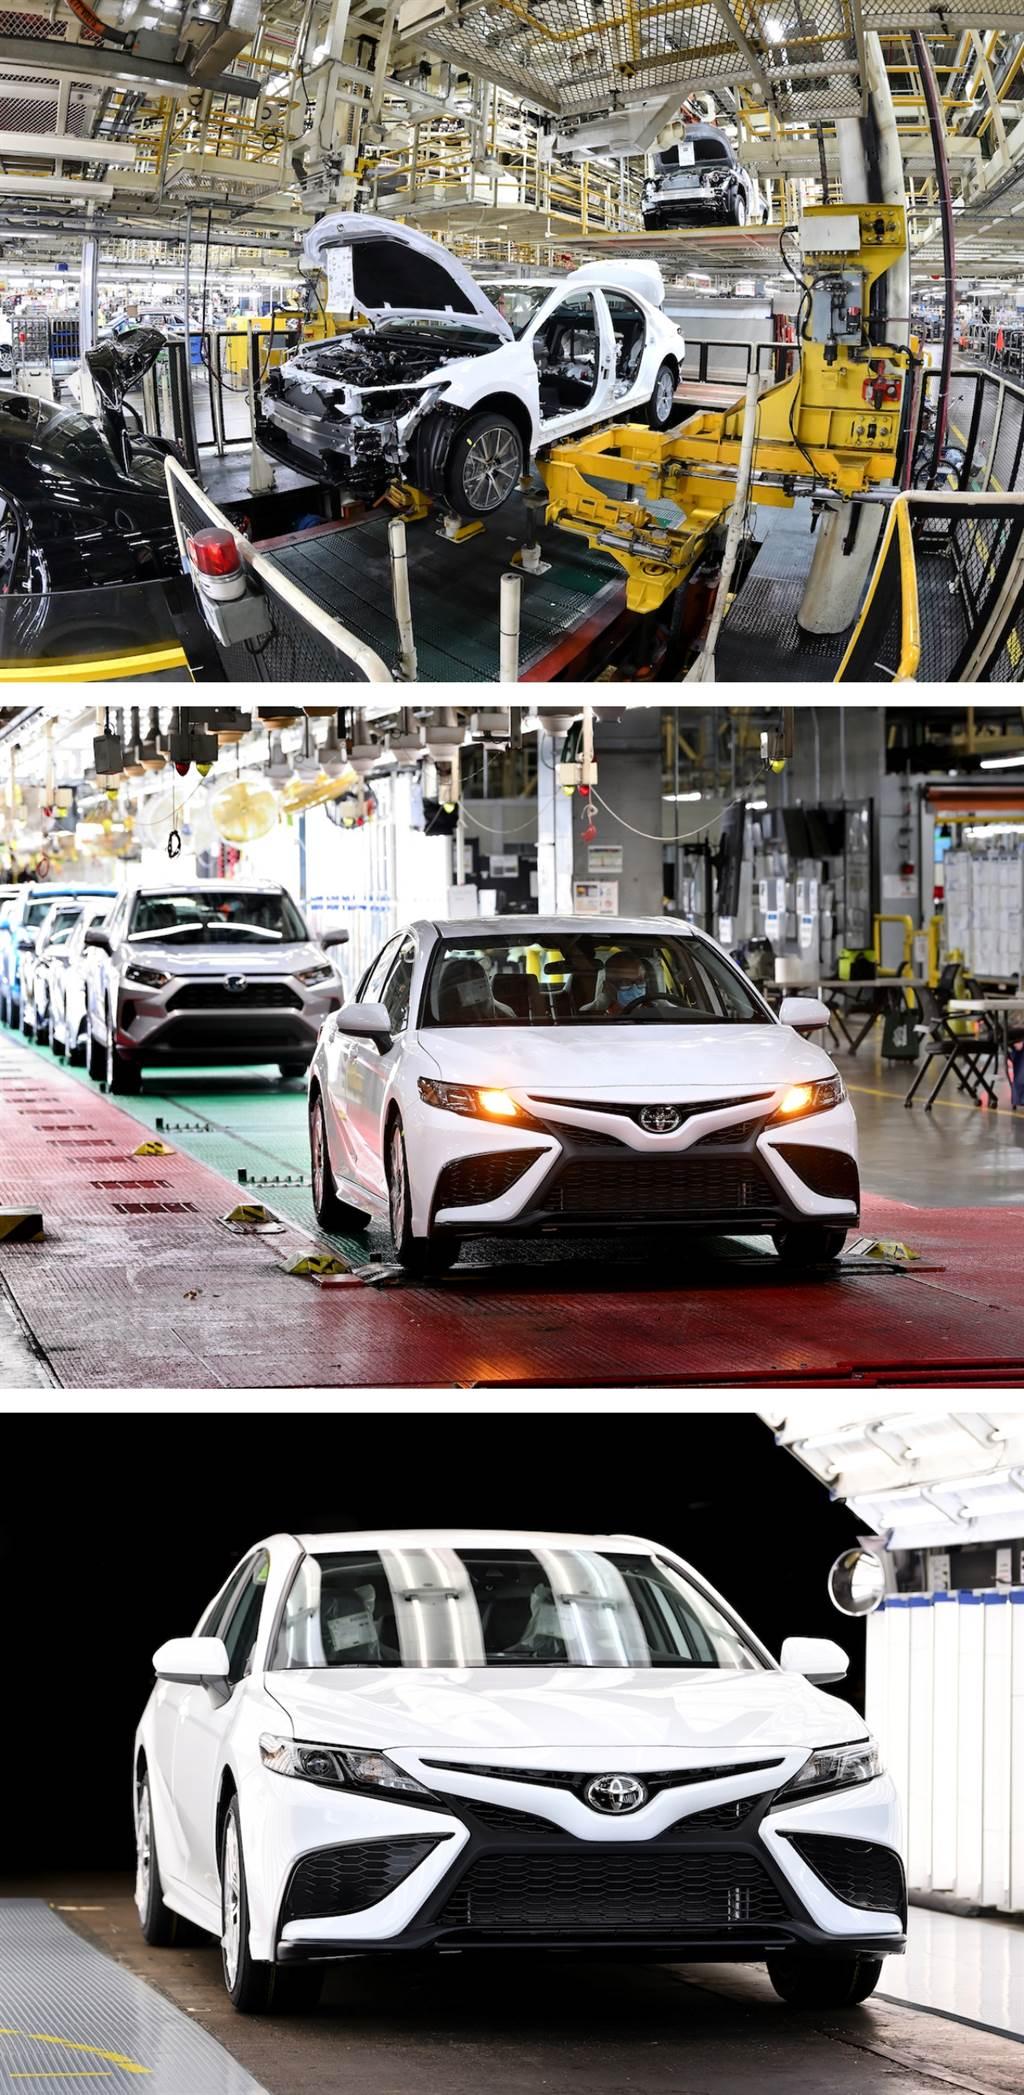 來自於肯塔基州的驕傲!Toyota 美規 Camry 生產突破 1000 萬輛!